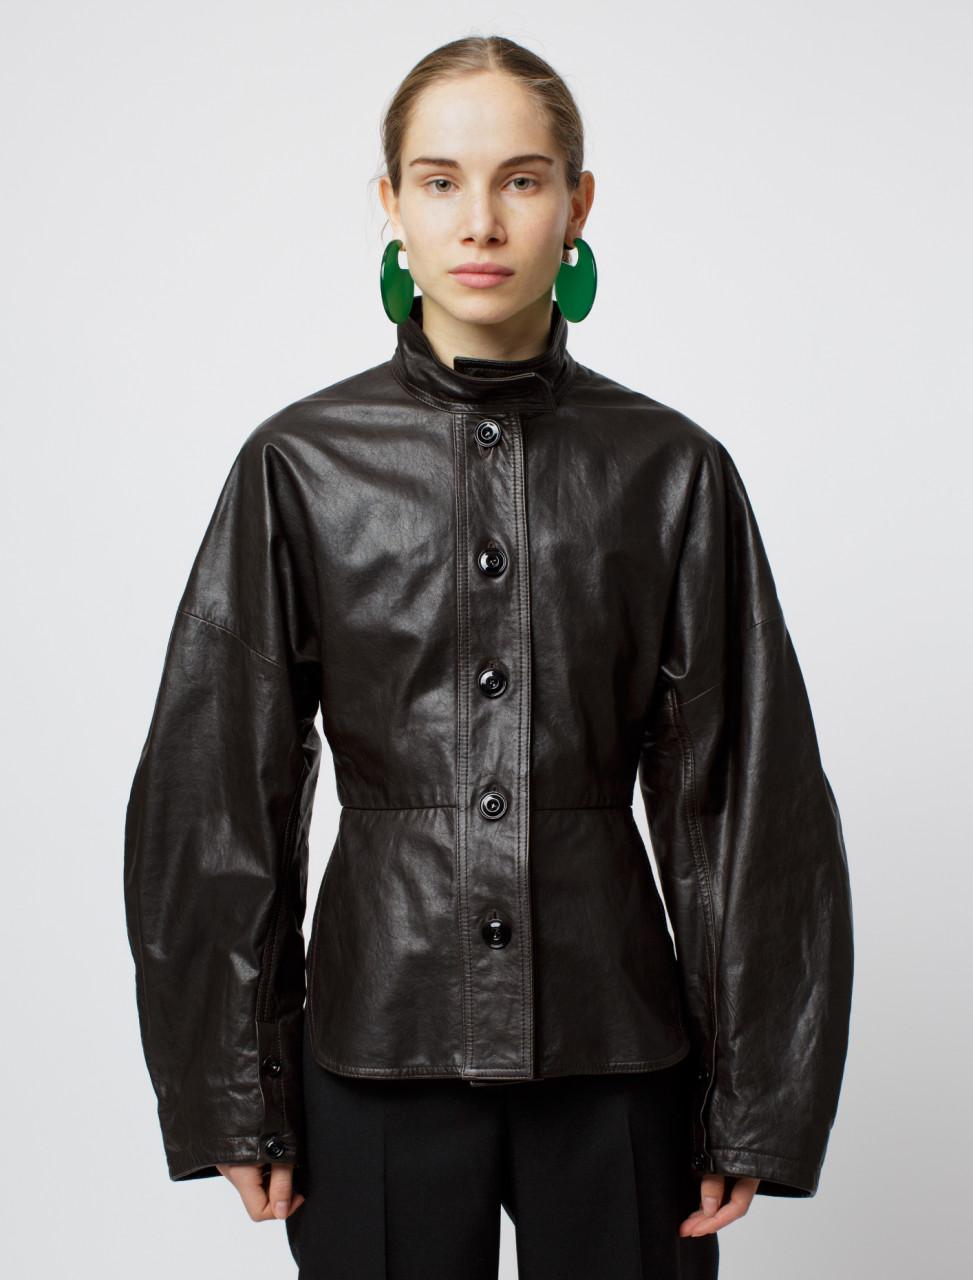 Large Sleeve Leather Jacket